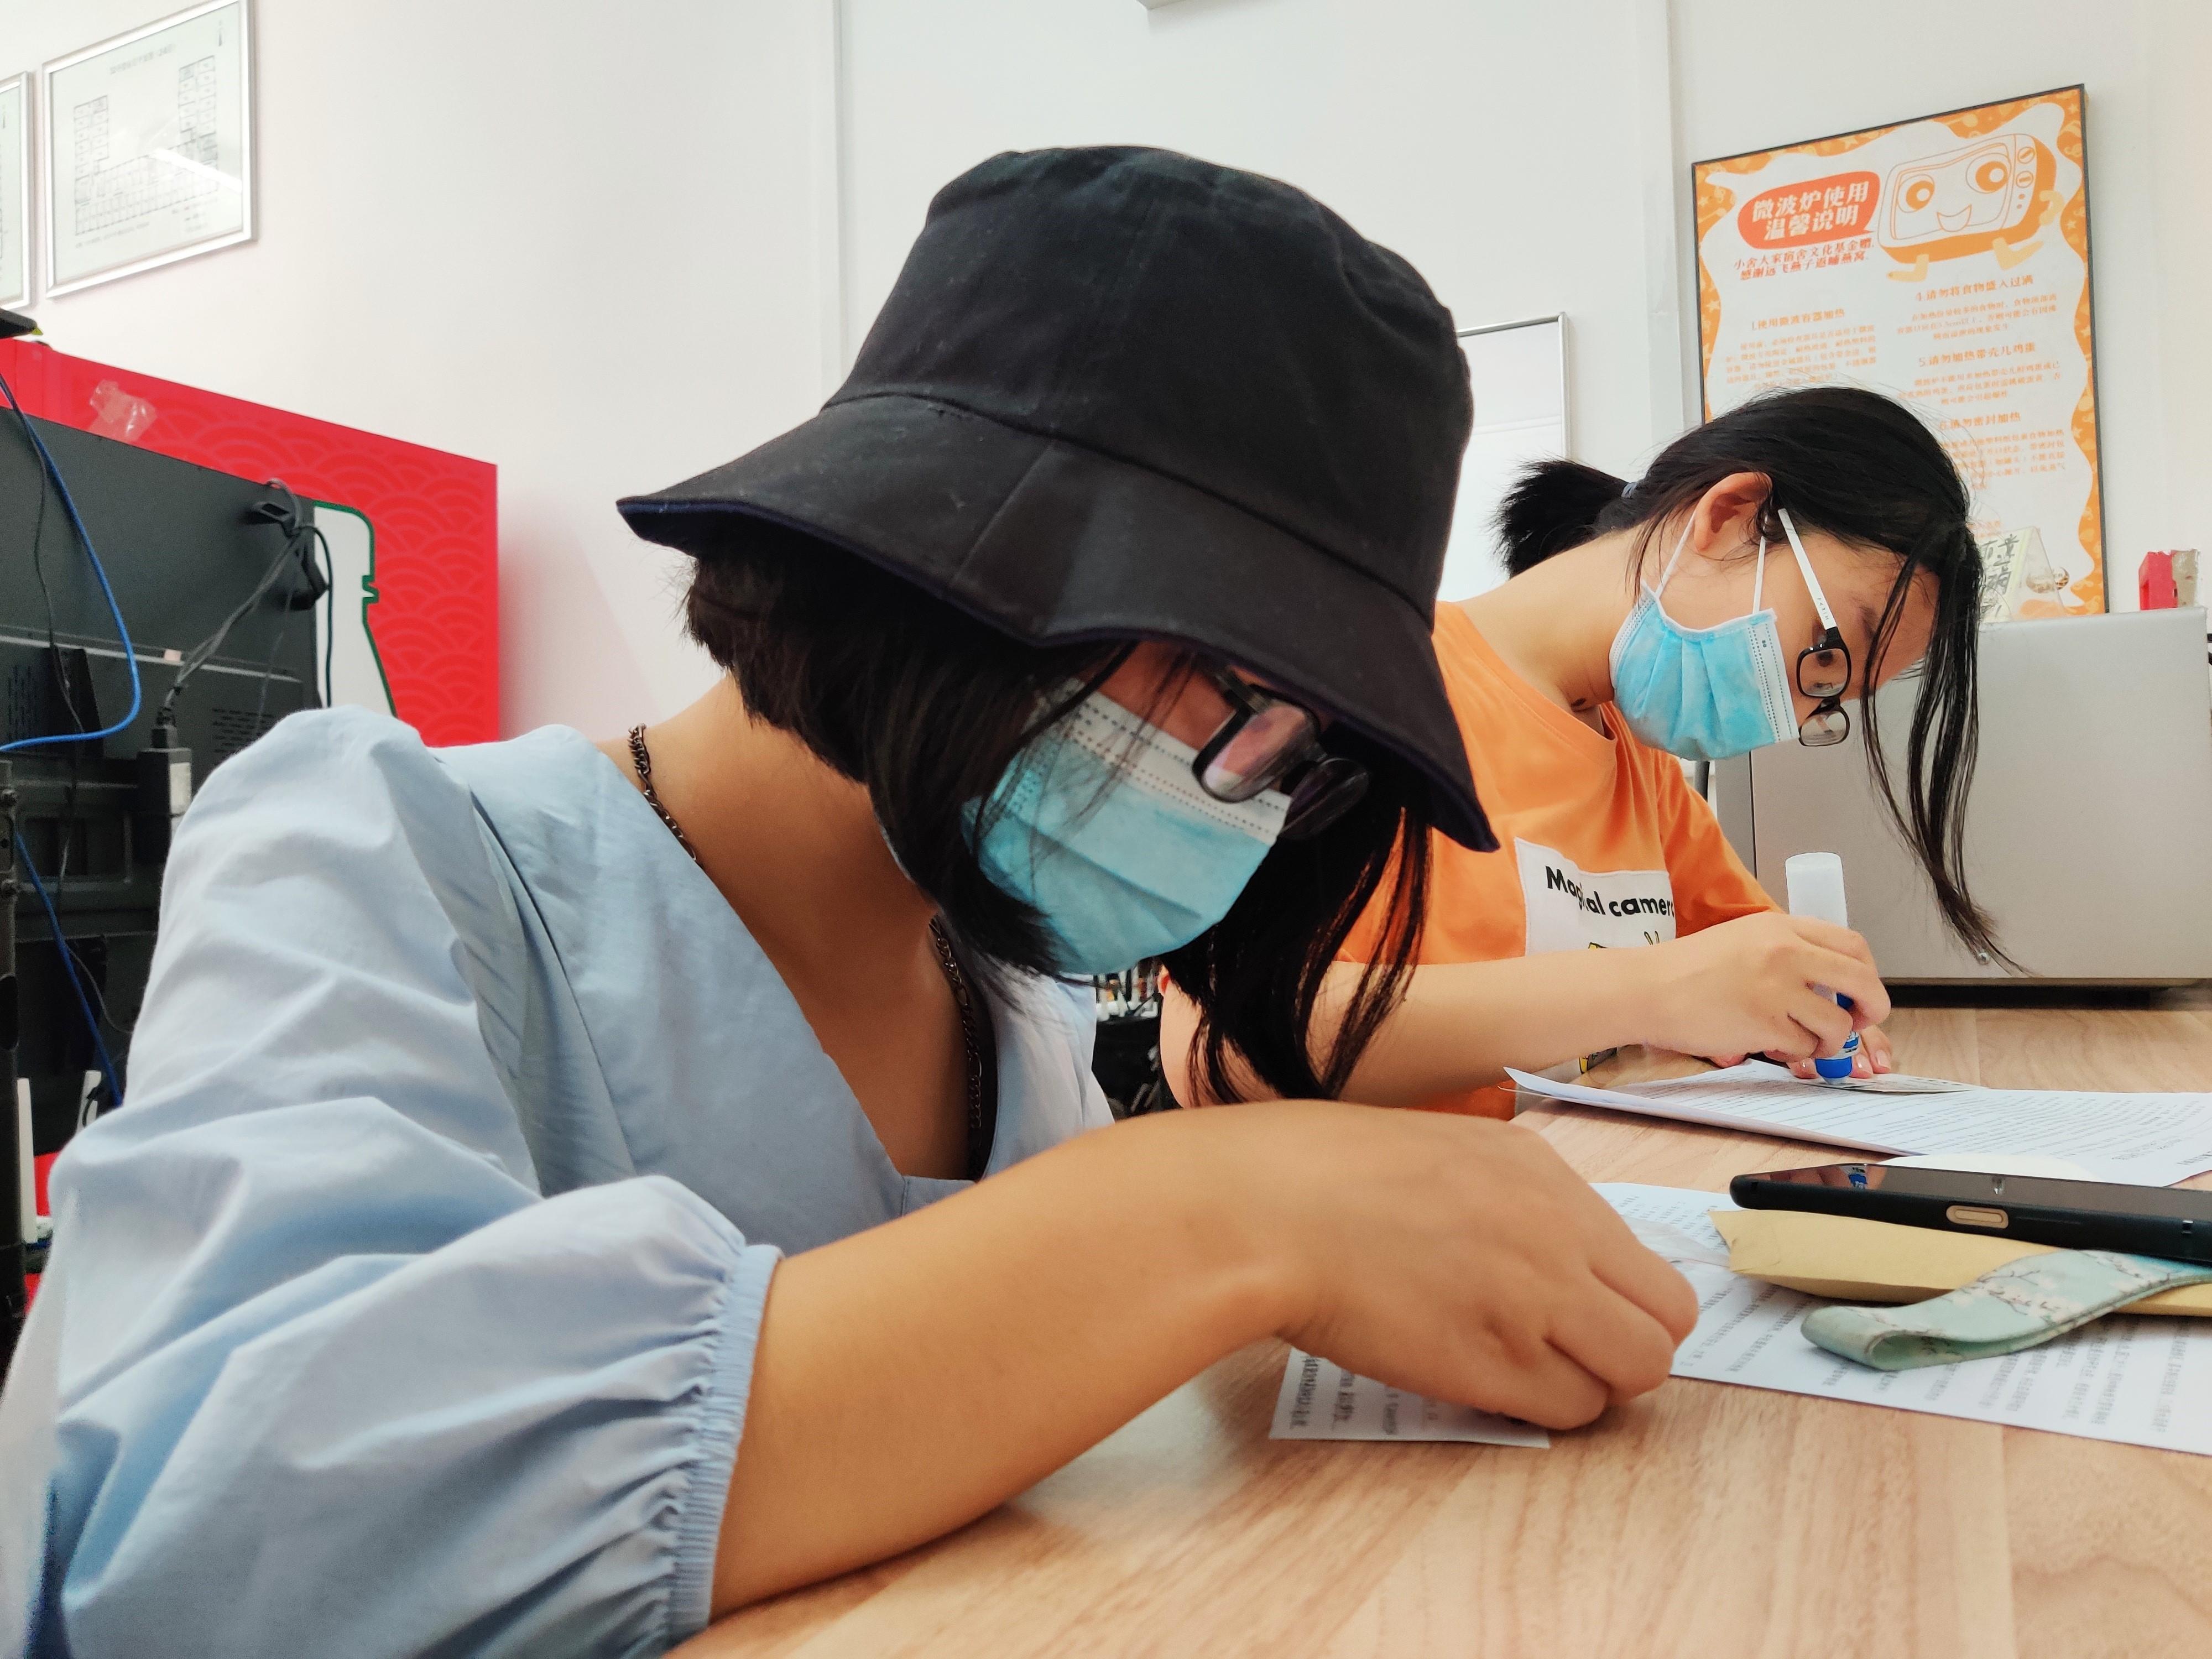 钟芳蓉(左)在宿舍楼内完善学生公寓住宿卡。本文图片均为澎湃新闻记者程婷 图